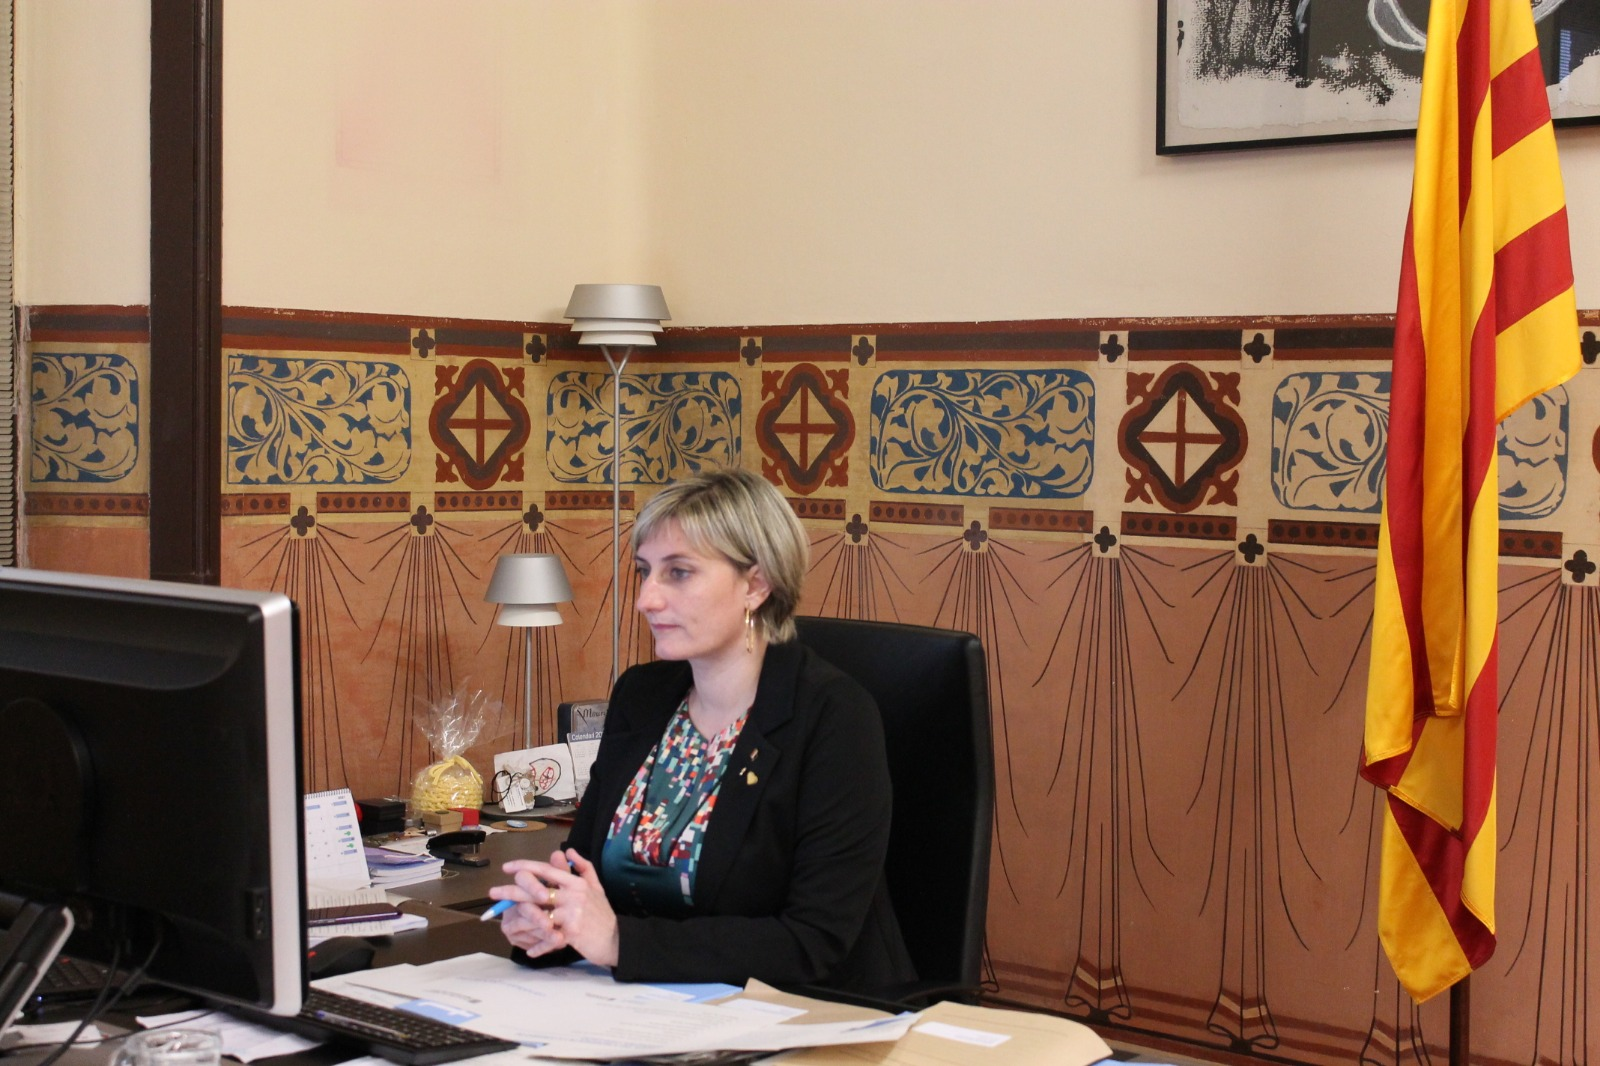 La consellera Vergés, al seu despatx, durant la reunió telemàtica aquesta tarda